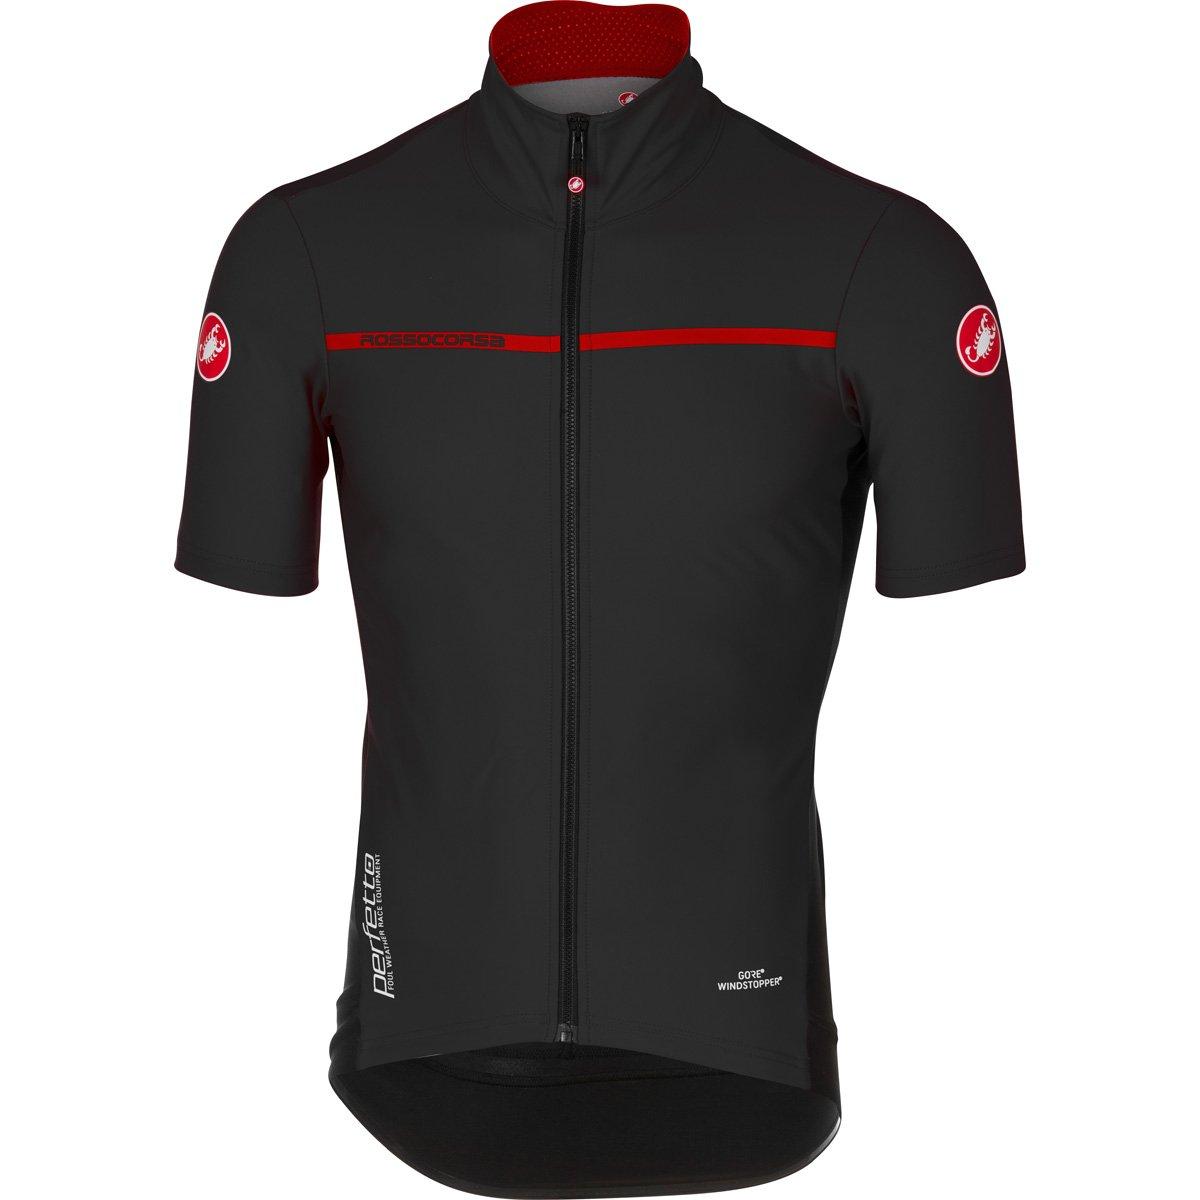 Castelli 2017 メンズ Perfetto 軽量半袖サイクリングジャケット B17085 B06VVRXS99 XXX-Large|ブラック ブラック XXX-Large